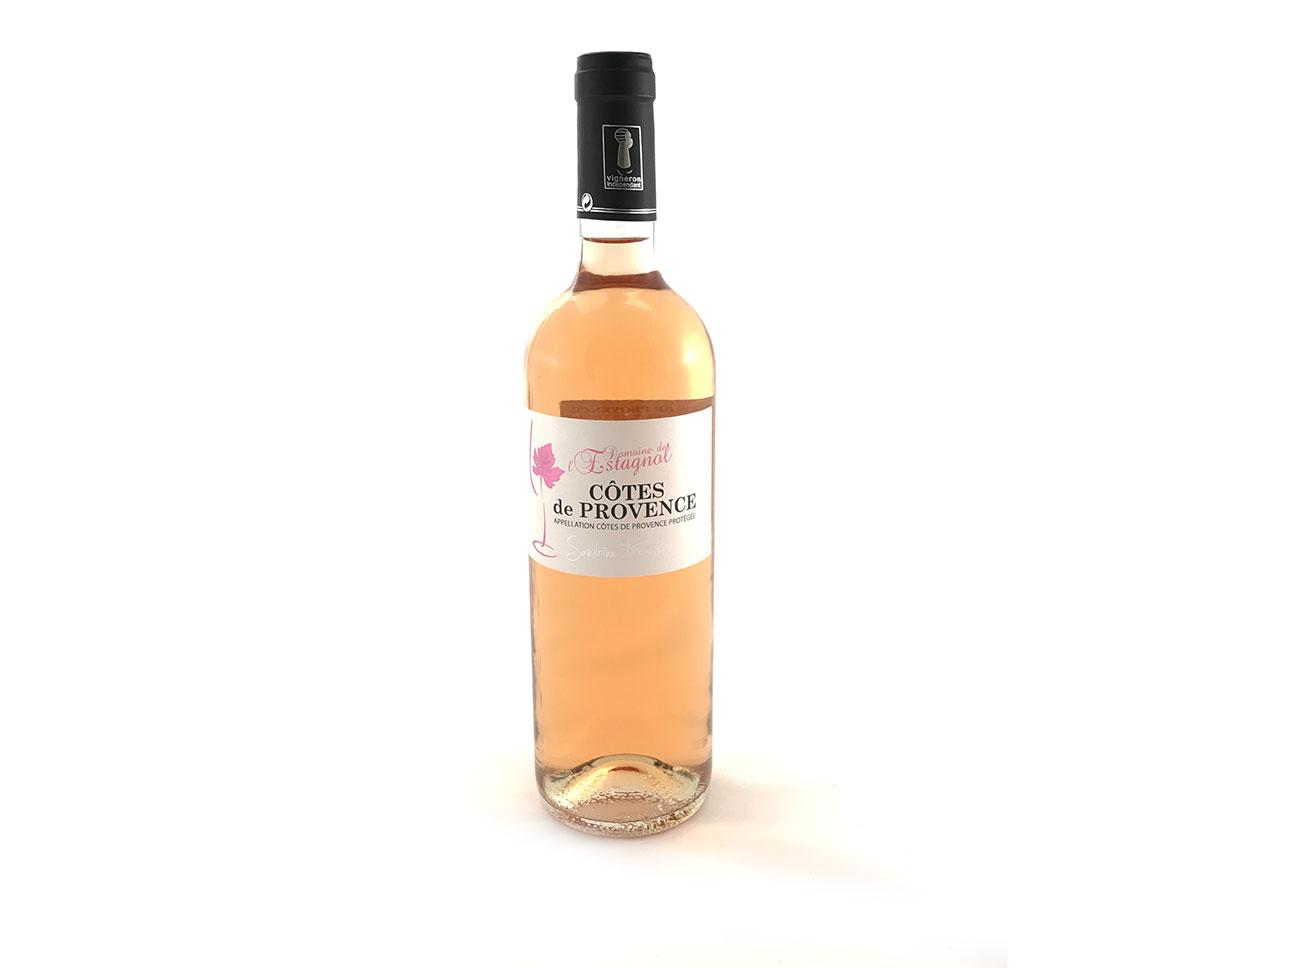 cotes de Provence rosé 2016 Domaine de l'Estagnol bouteille de vin